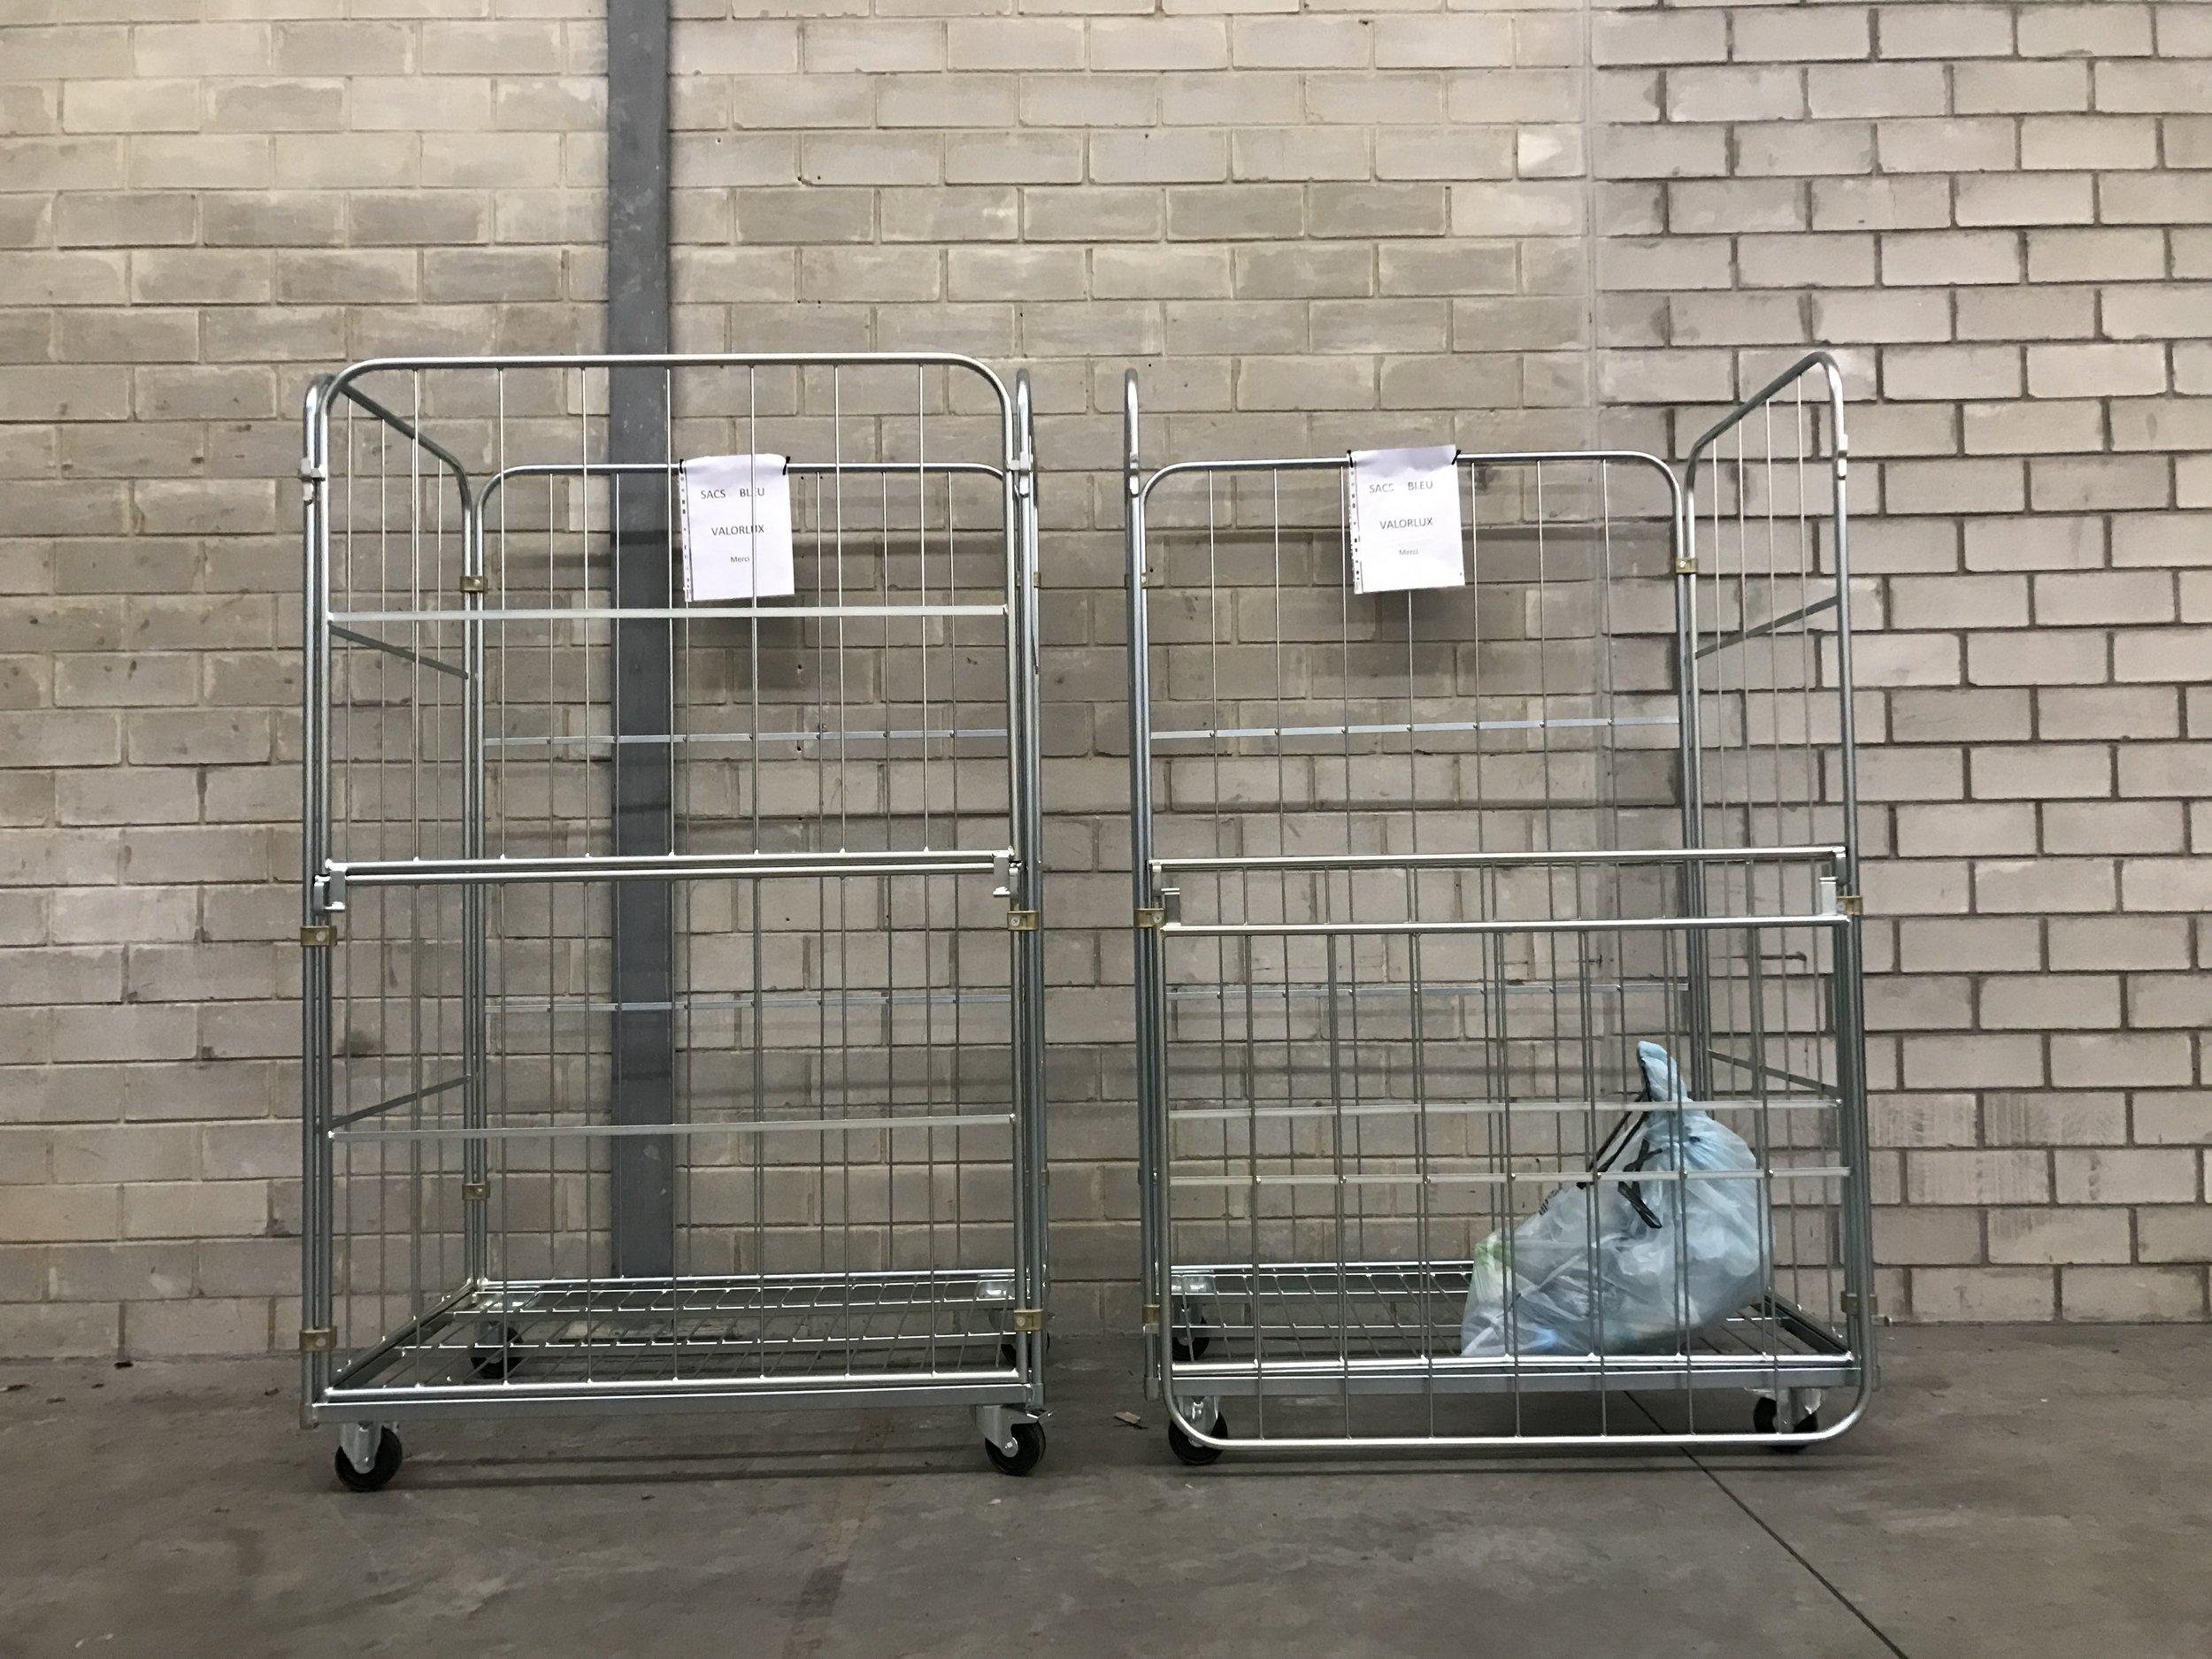 chariot valorlux nettoyage poubelle conteneur lavage service sortie rentrée poubelle